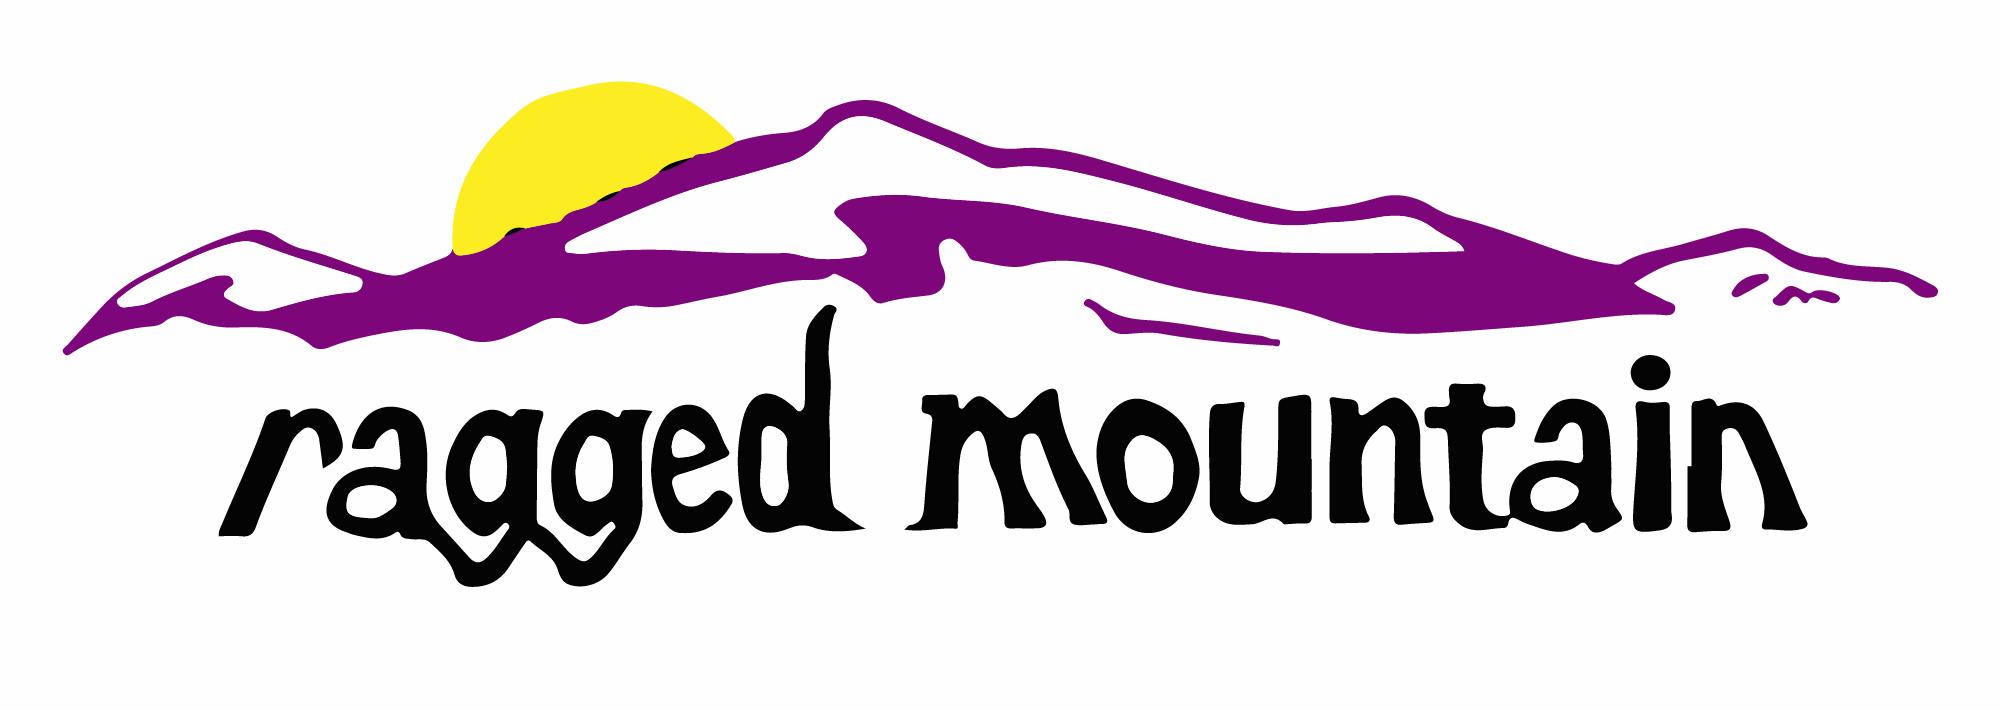 RAGGED MOUNTAIN